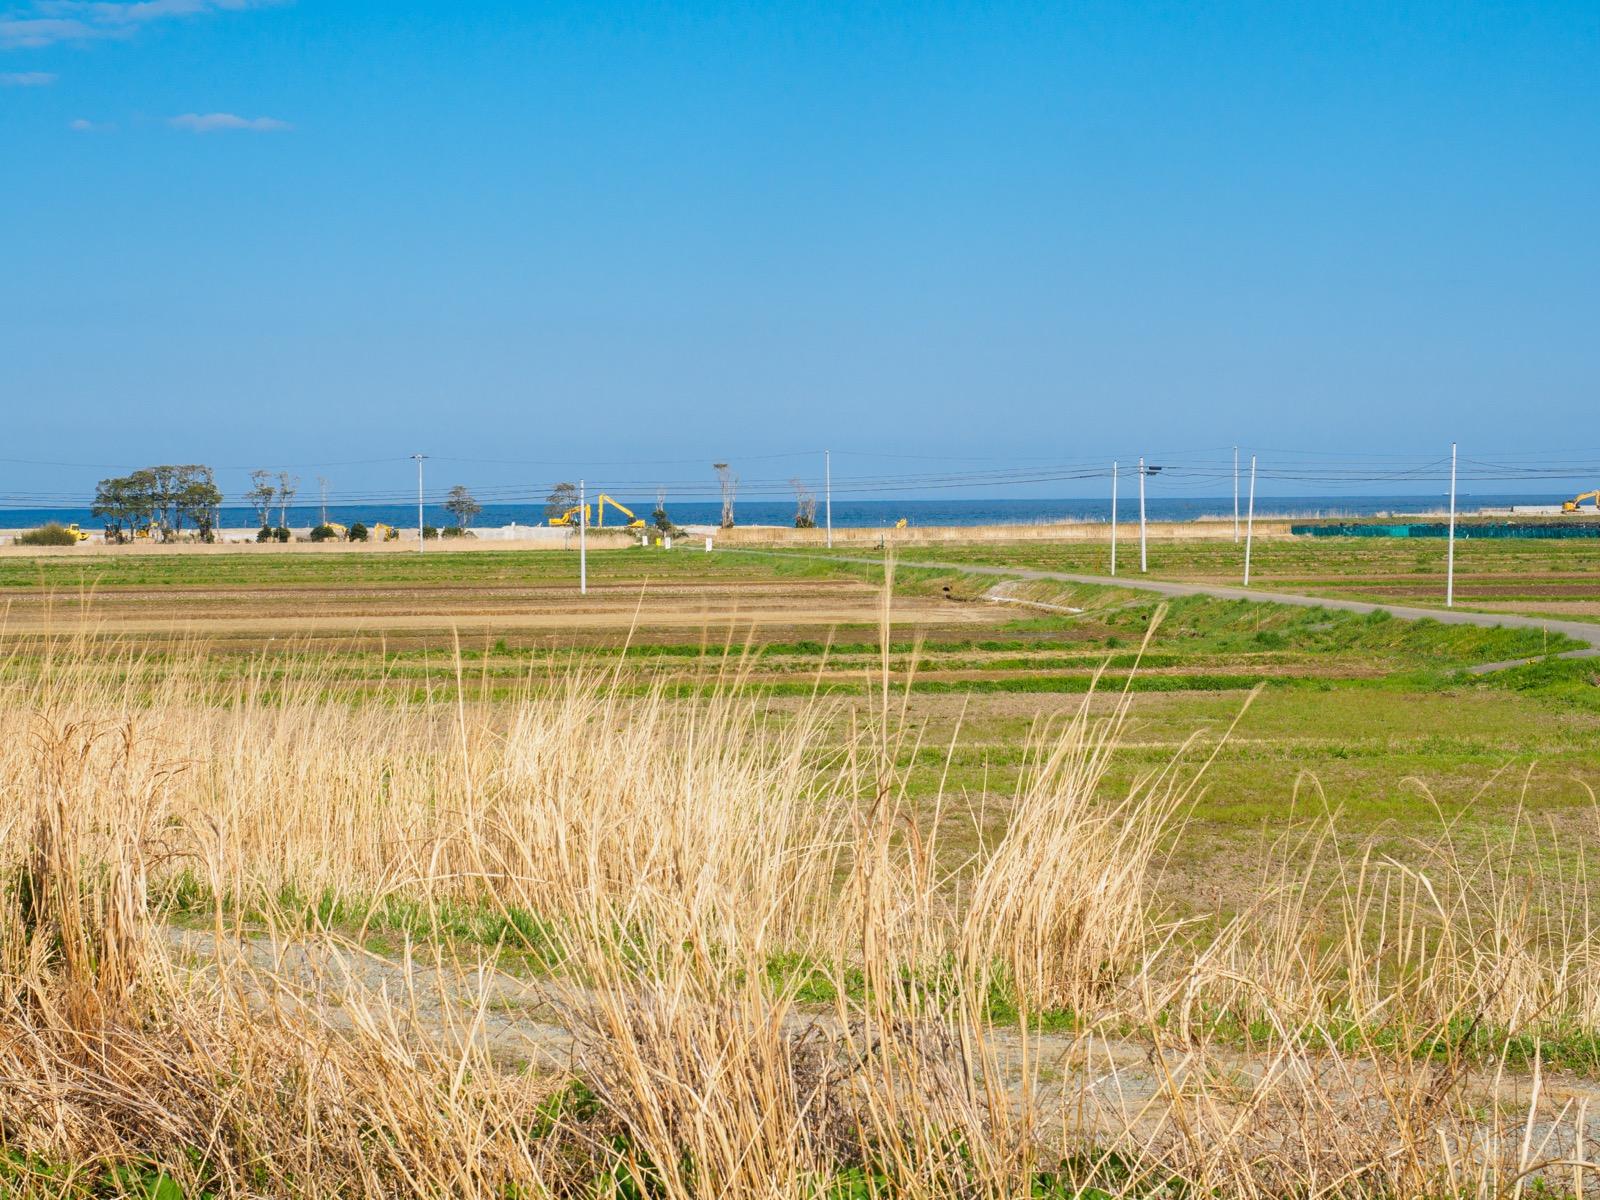 木戸駅から見える太平洋と廃棄物処分場(2017年4月)